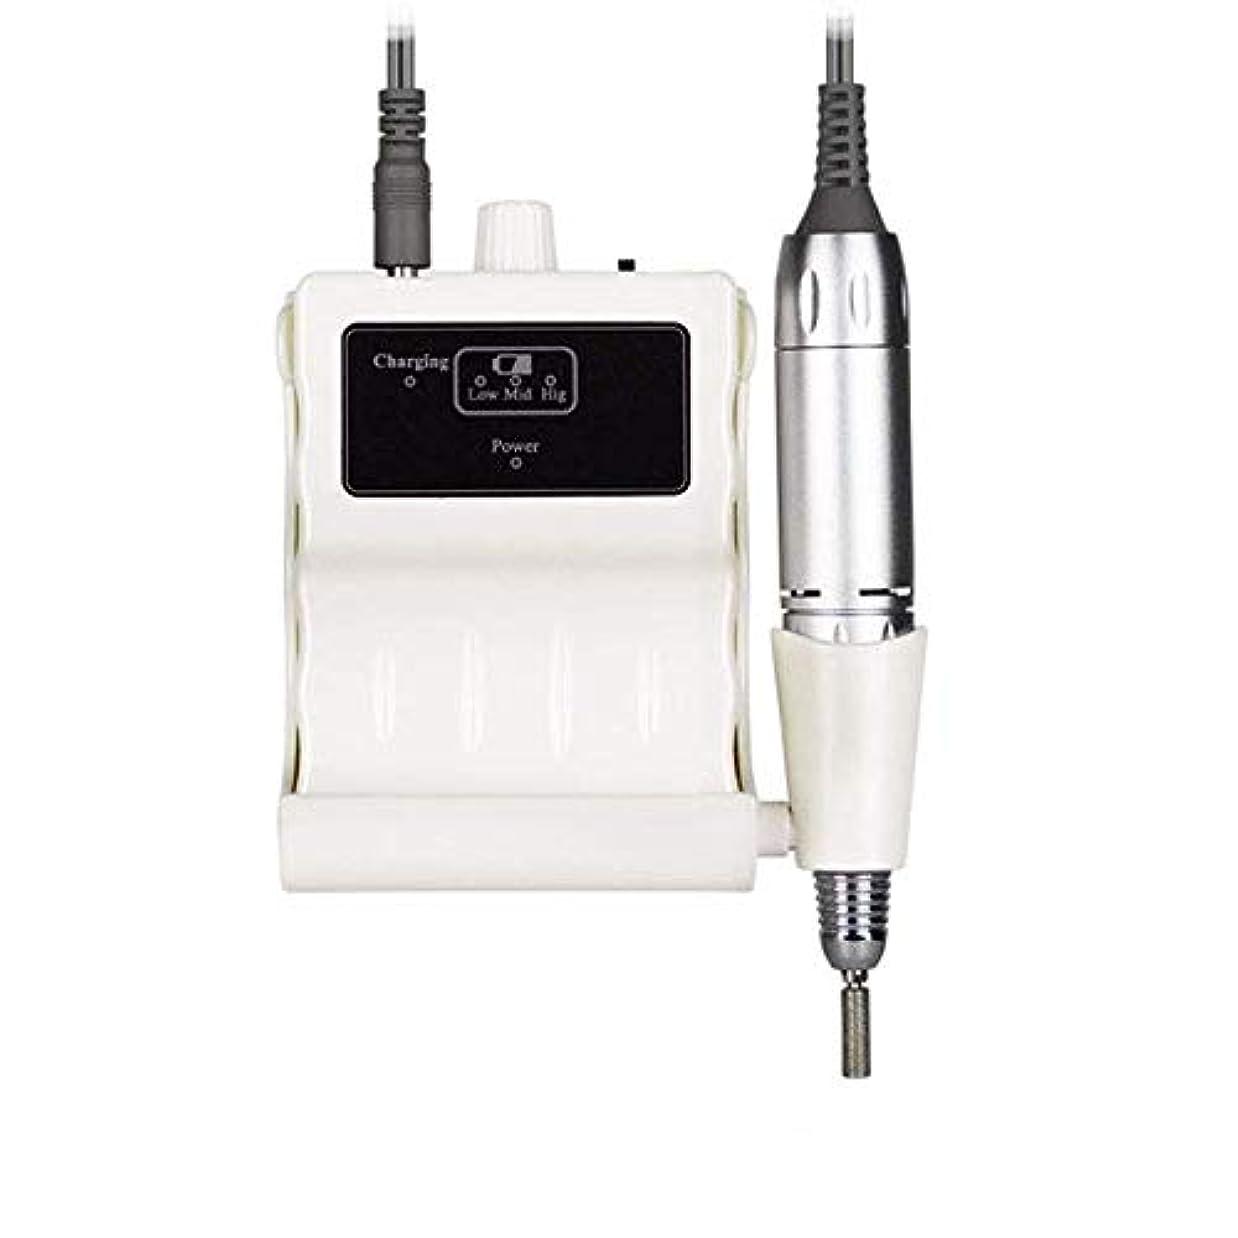 パステル電化するアルカイックプロフェッショナルネイルドリルキット、電気ネイルドリルマシン30000RPM電気は6つの研削ヘッドと釘グラインダーマニキュアネイルアートツールのファイル